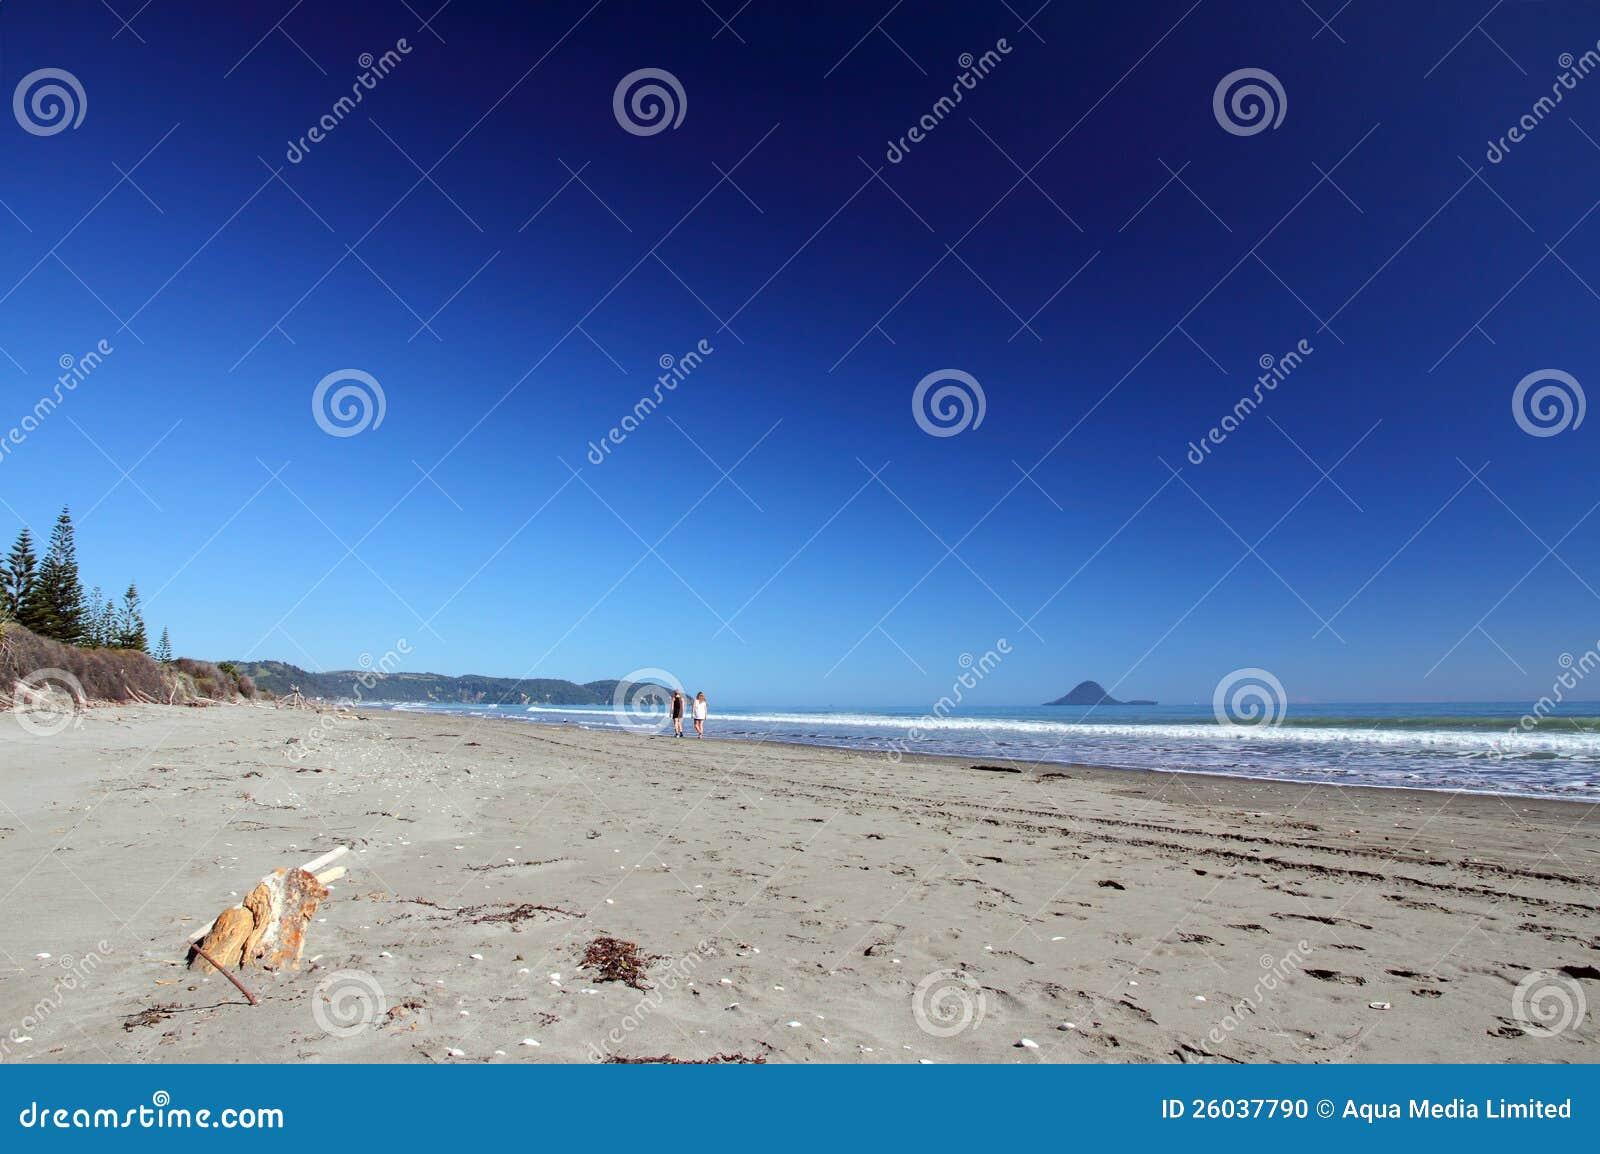 Ohope Beach, Whakatane, New Zealand